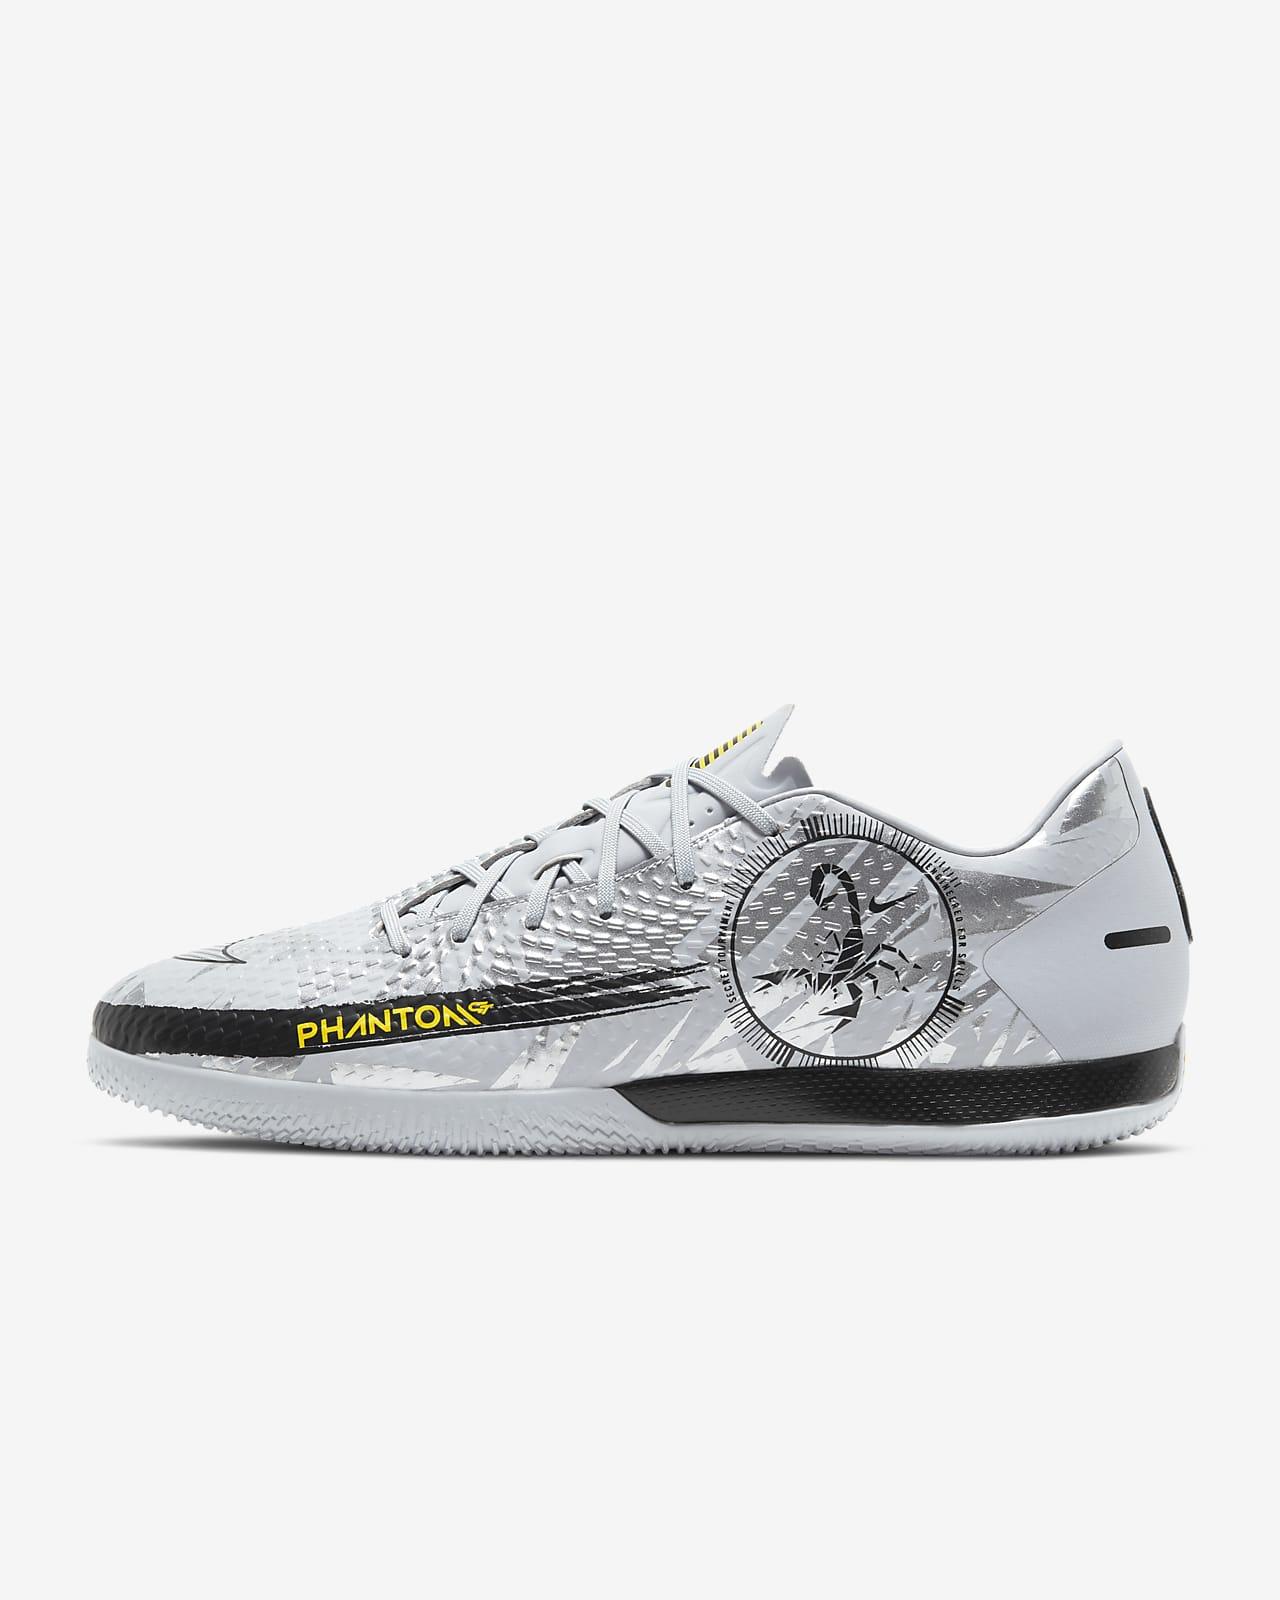 Nike Phantom Scorpion Academy IC Indoor/Court Football Shoe